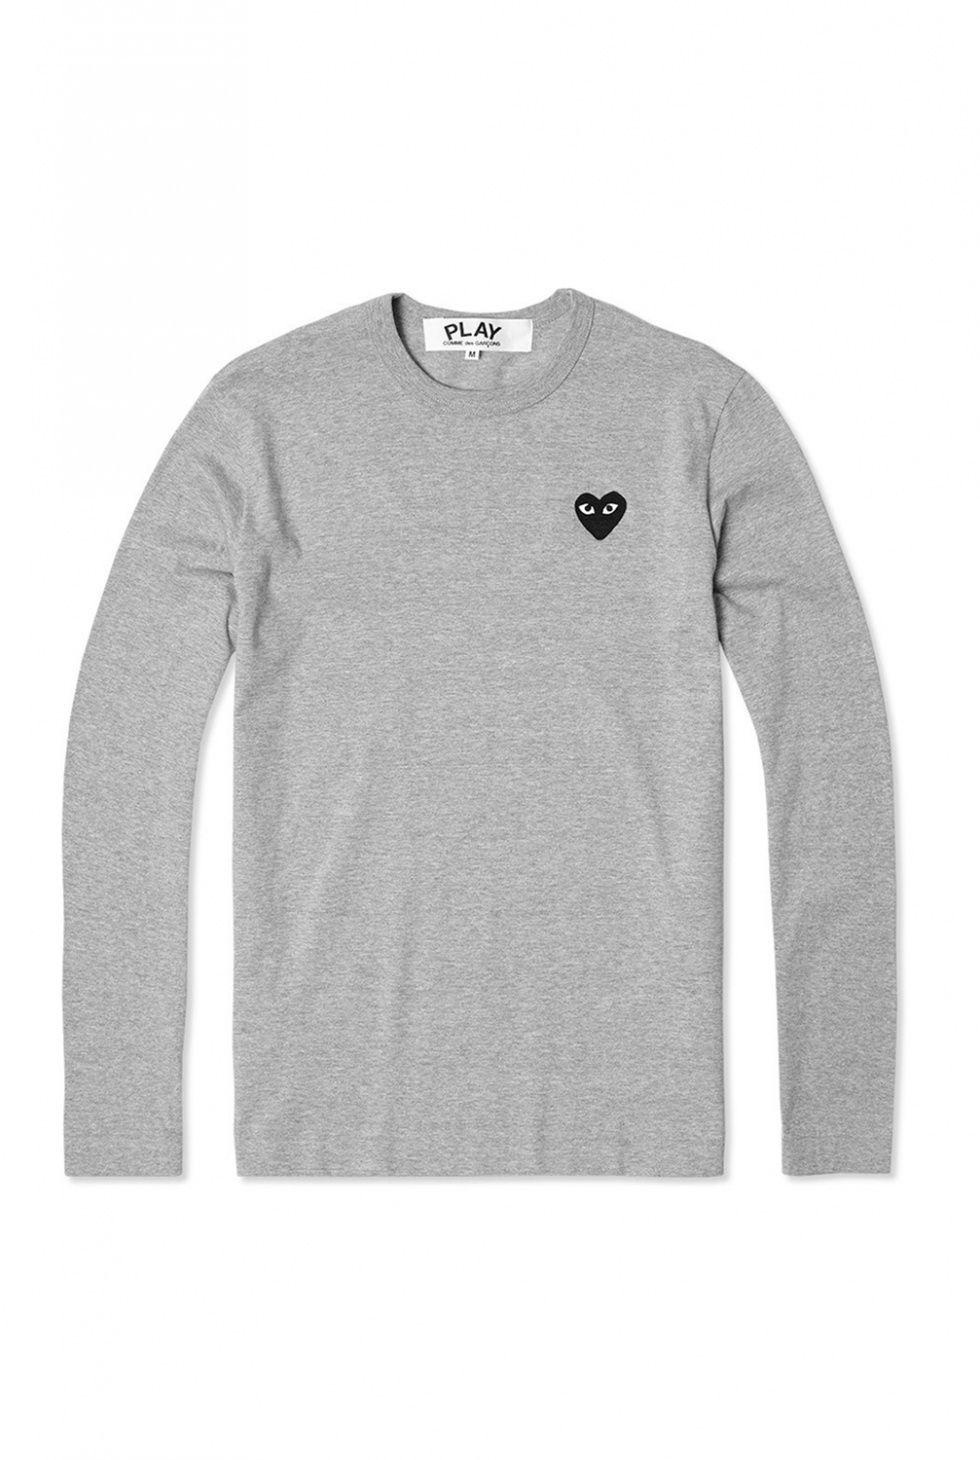 6481b95de Wood Wood - Comme Des Garcons - CDG Play - Ladies L/S shirt - Black heart